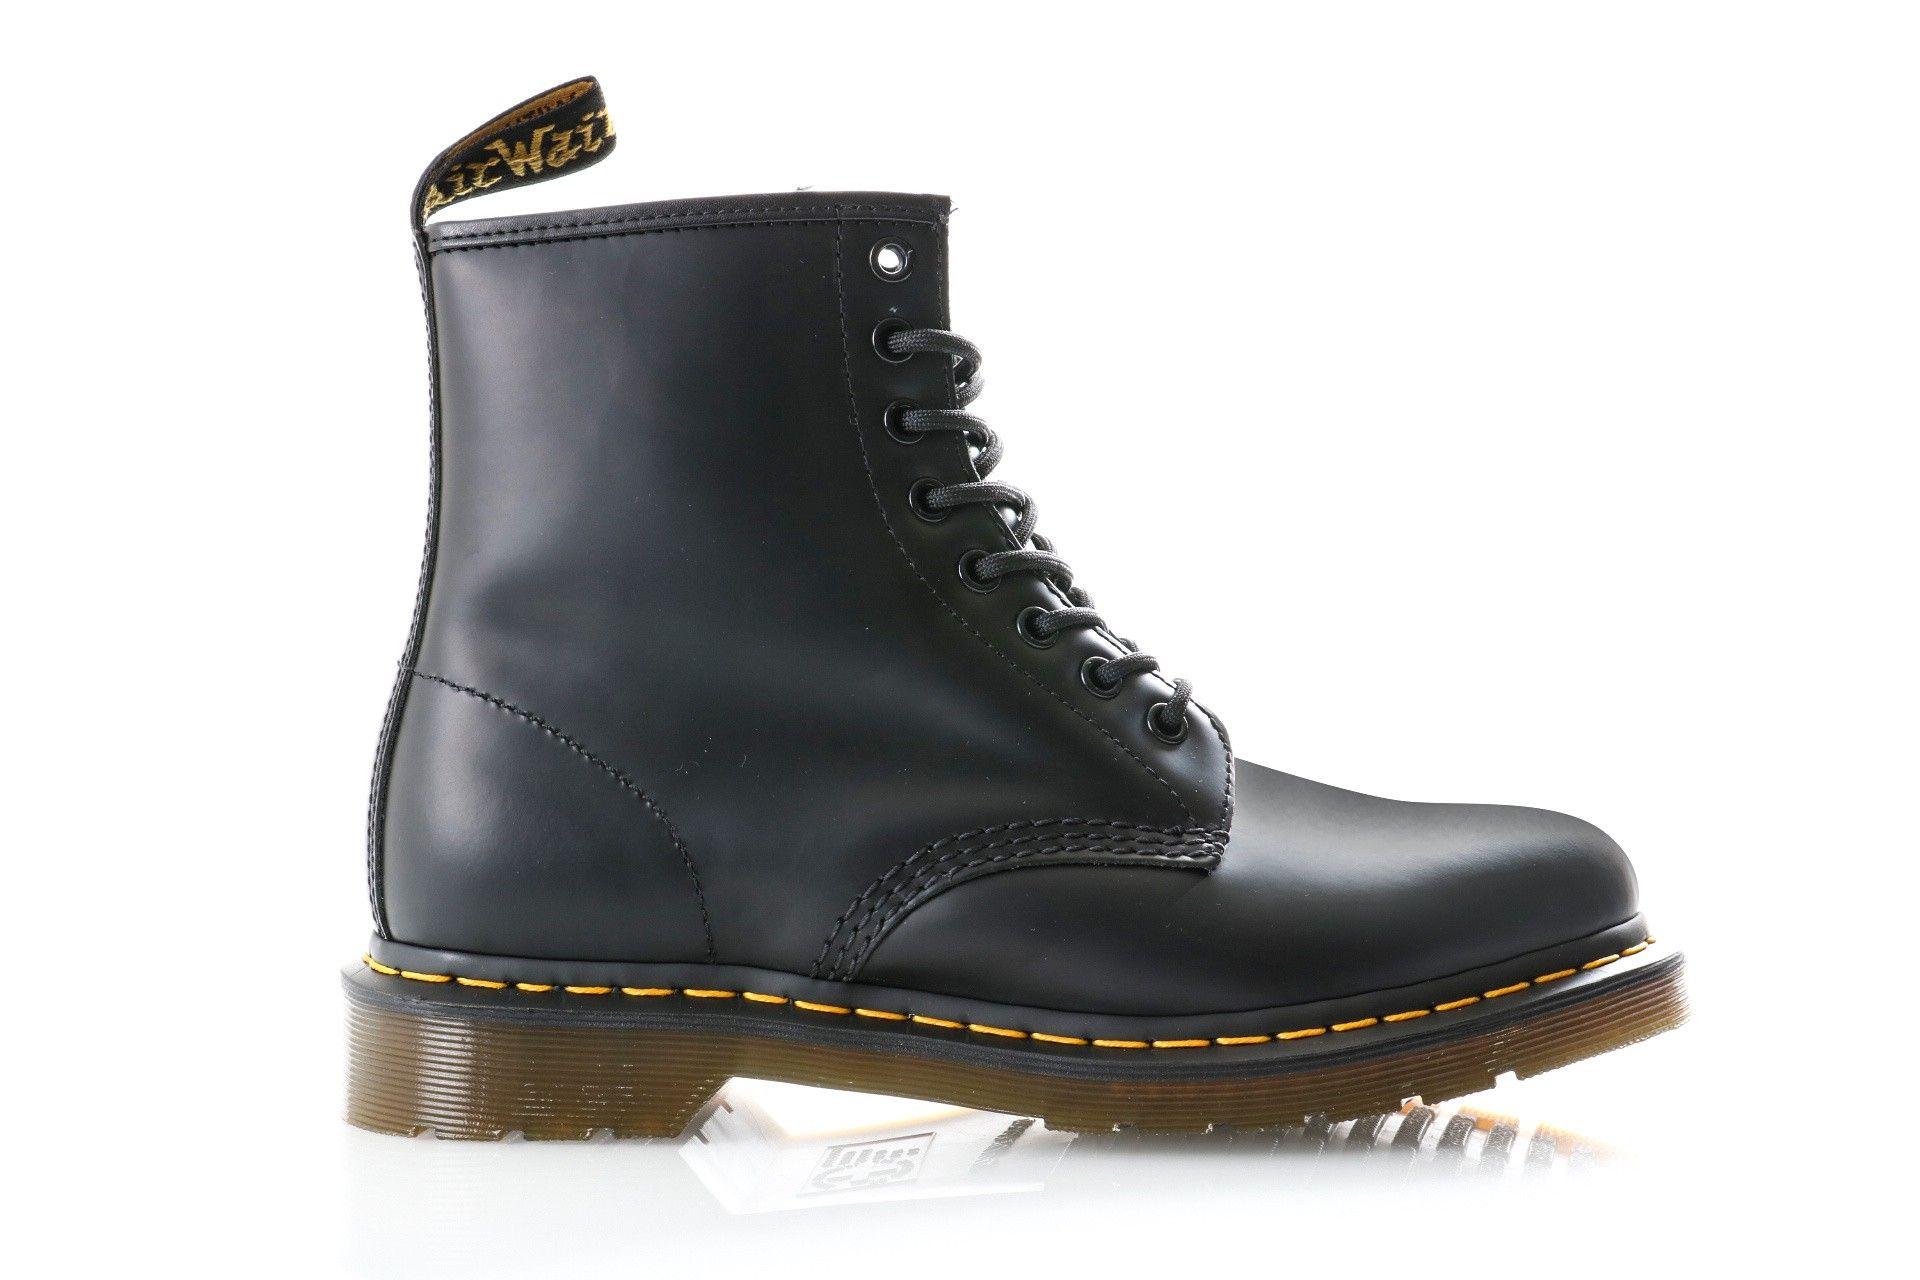 Afbeelding van Dr. Martens Boots 1460 Black Smooth 11822006